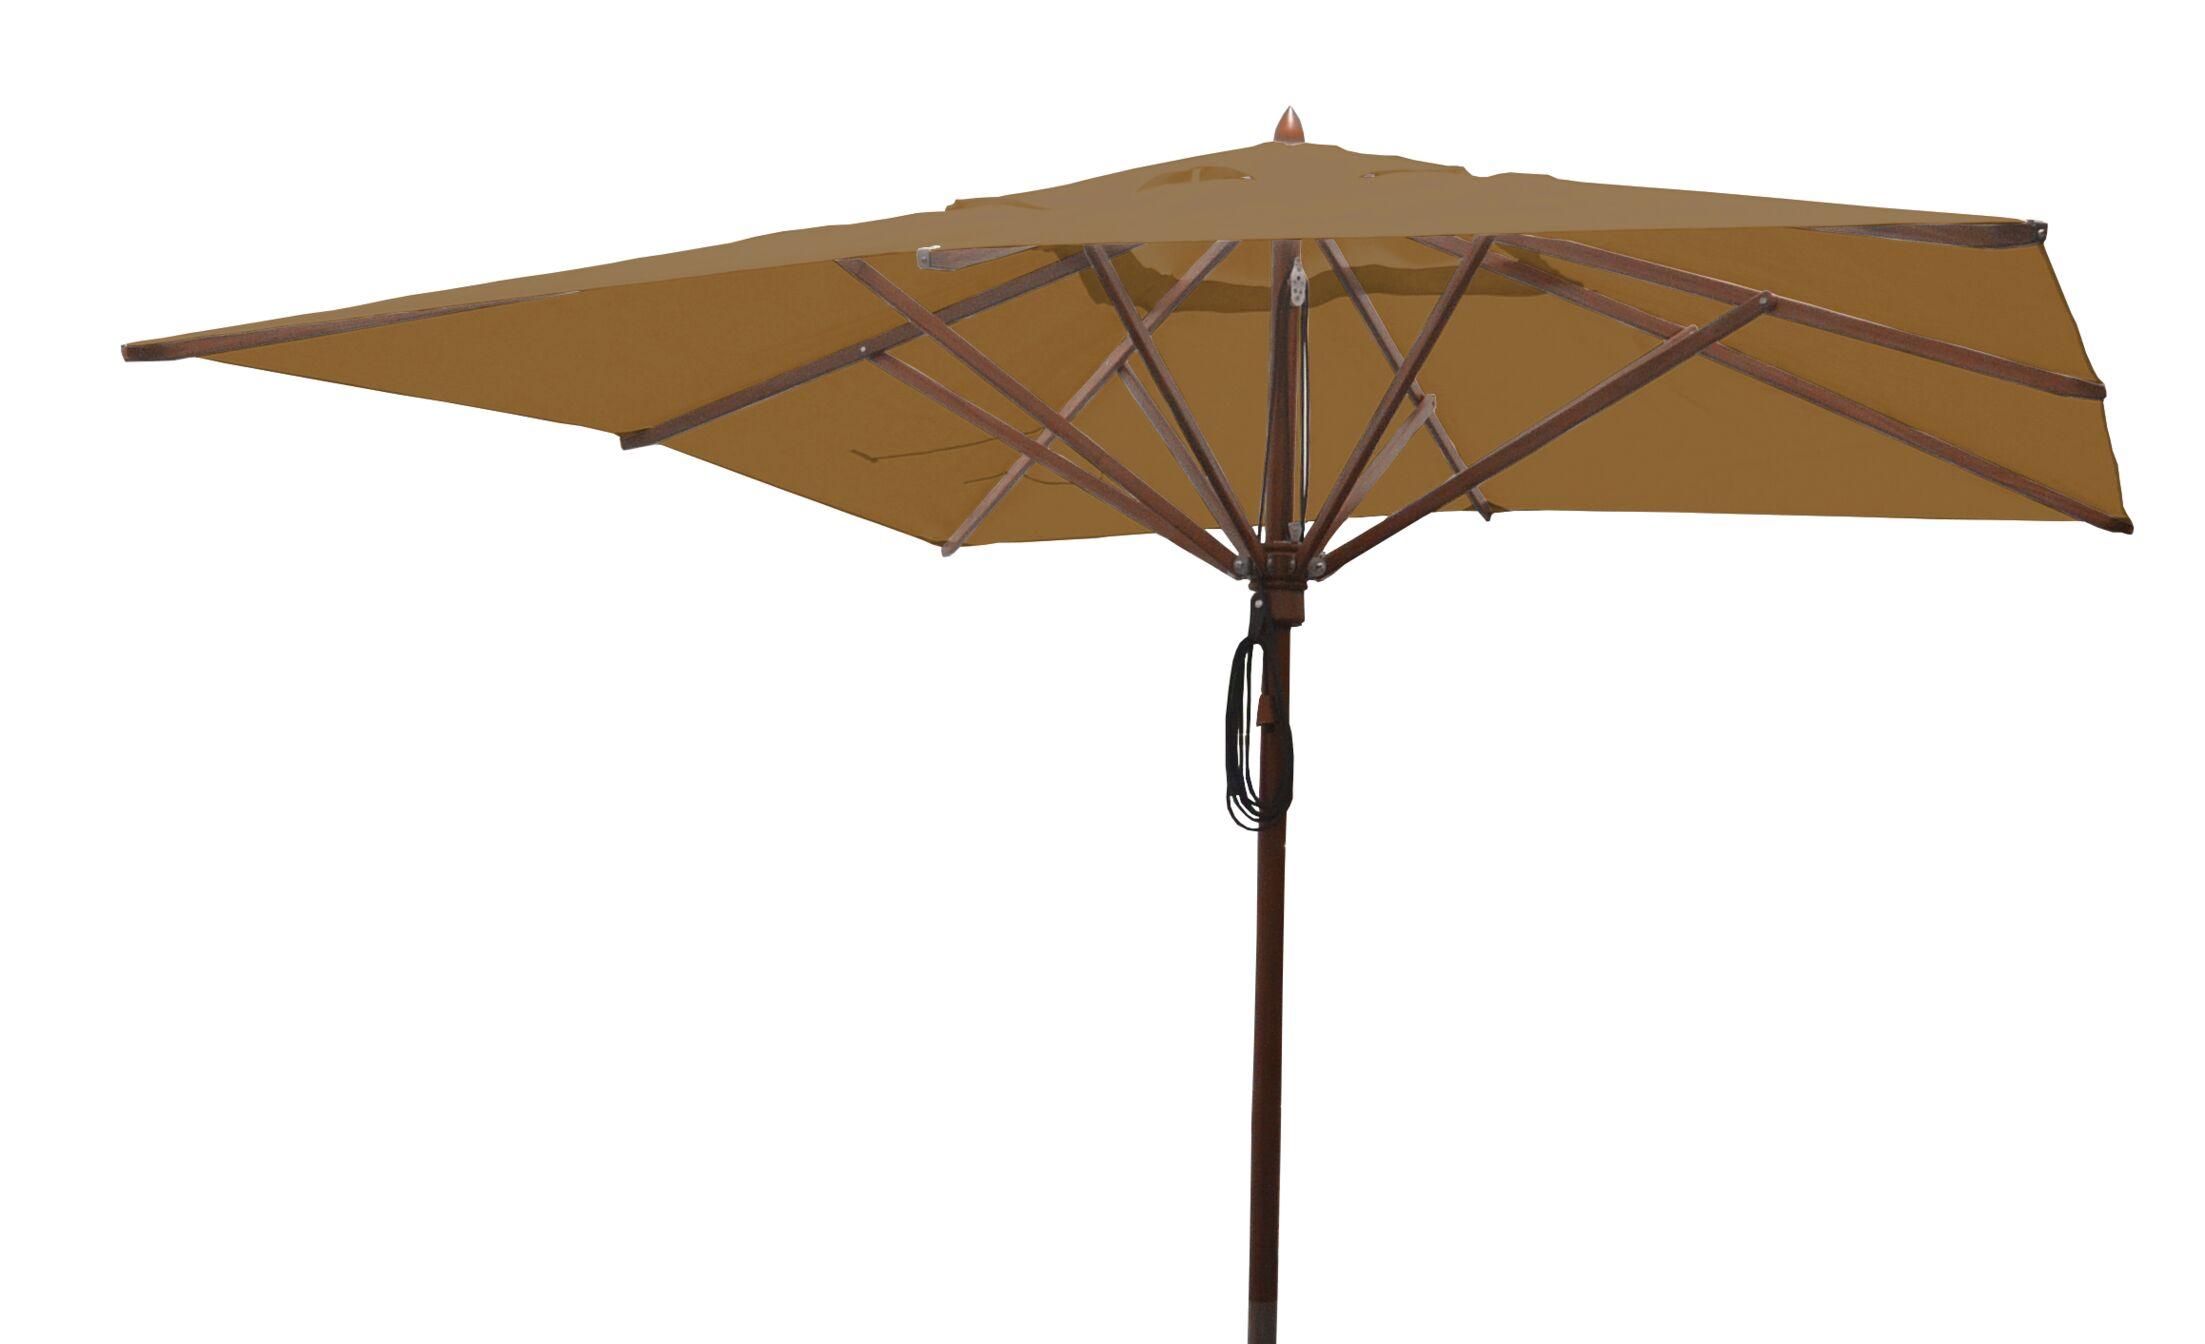 Sabanc 10' Square Market Umbrella Fabric: Beige